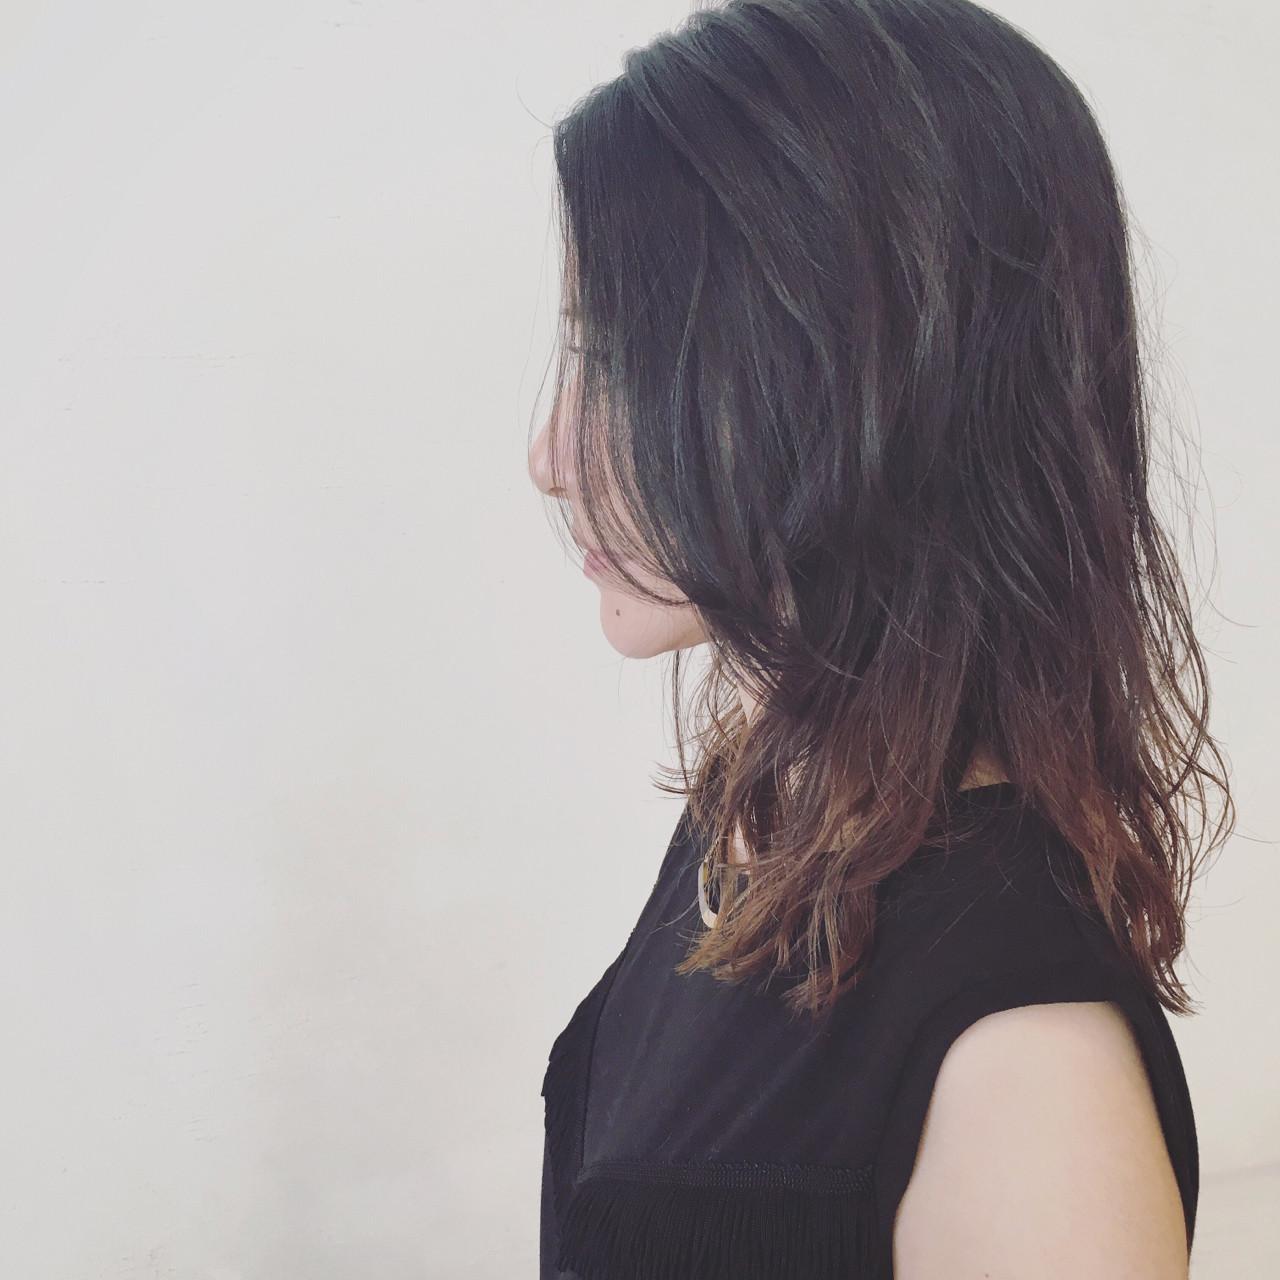 【ロング編】秋冬はこの色で決まり♡アッシュで作る暗髪が可愛すぎる 三好 佳奈美